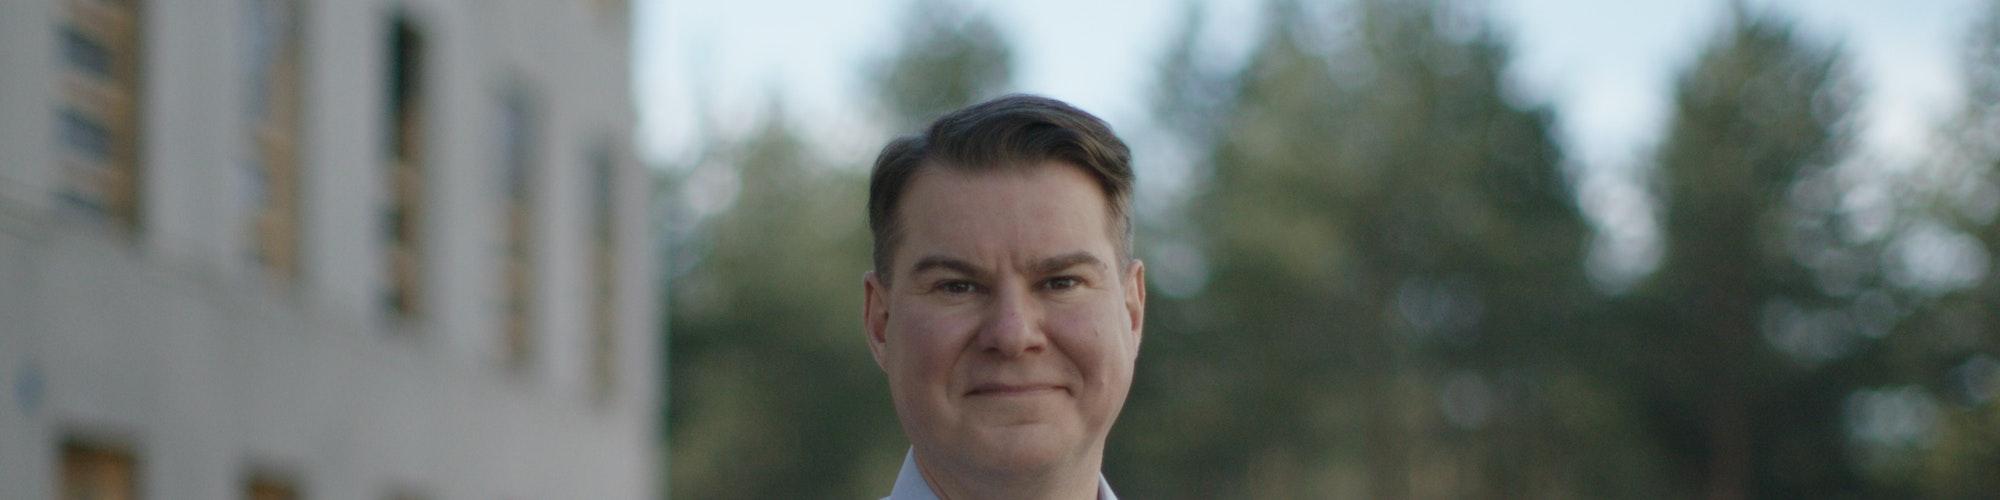 TVT Asuntojen toimitusjohtaja Teppo Forss